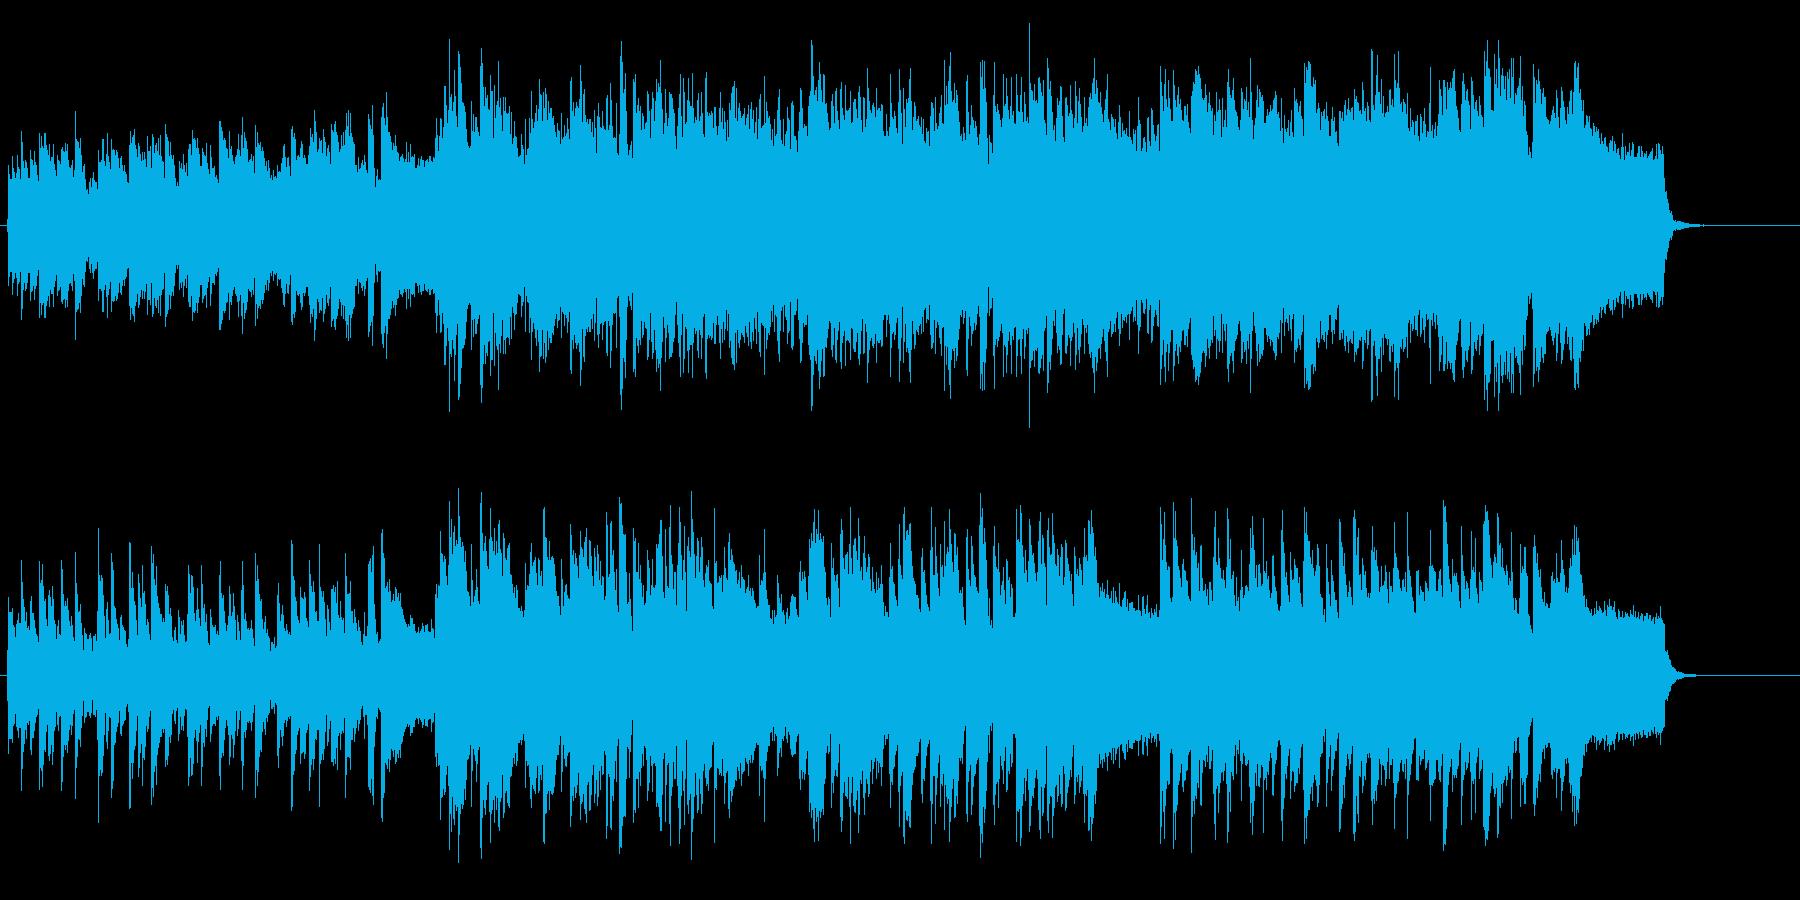 コーヒーブレイクの似合うタイトルの再生済みの波形